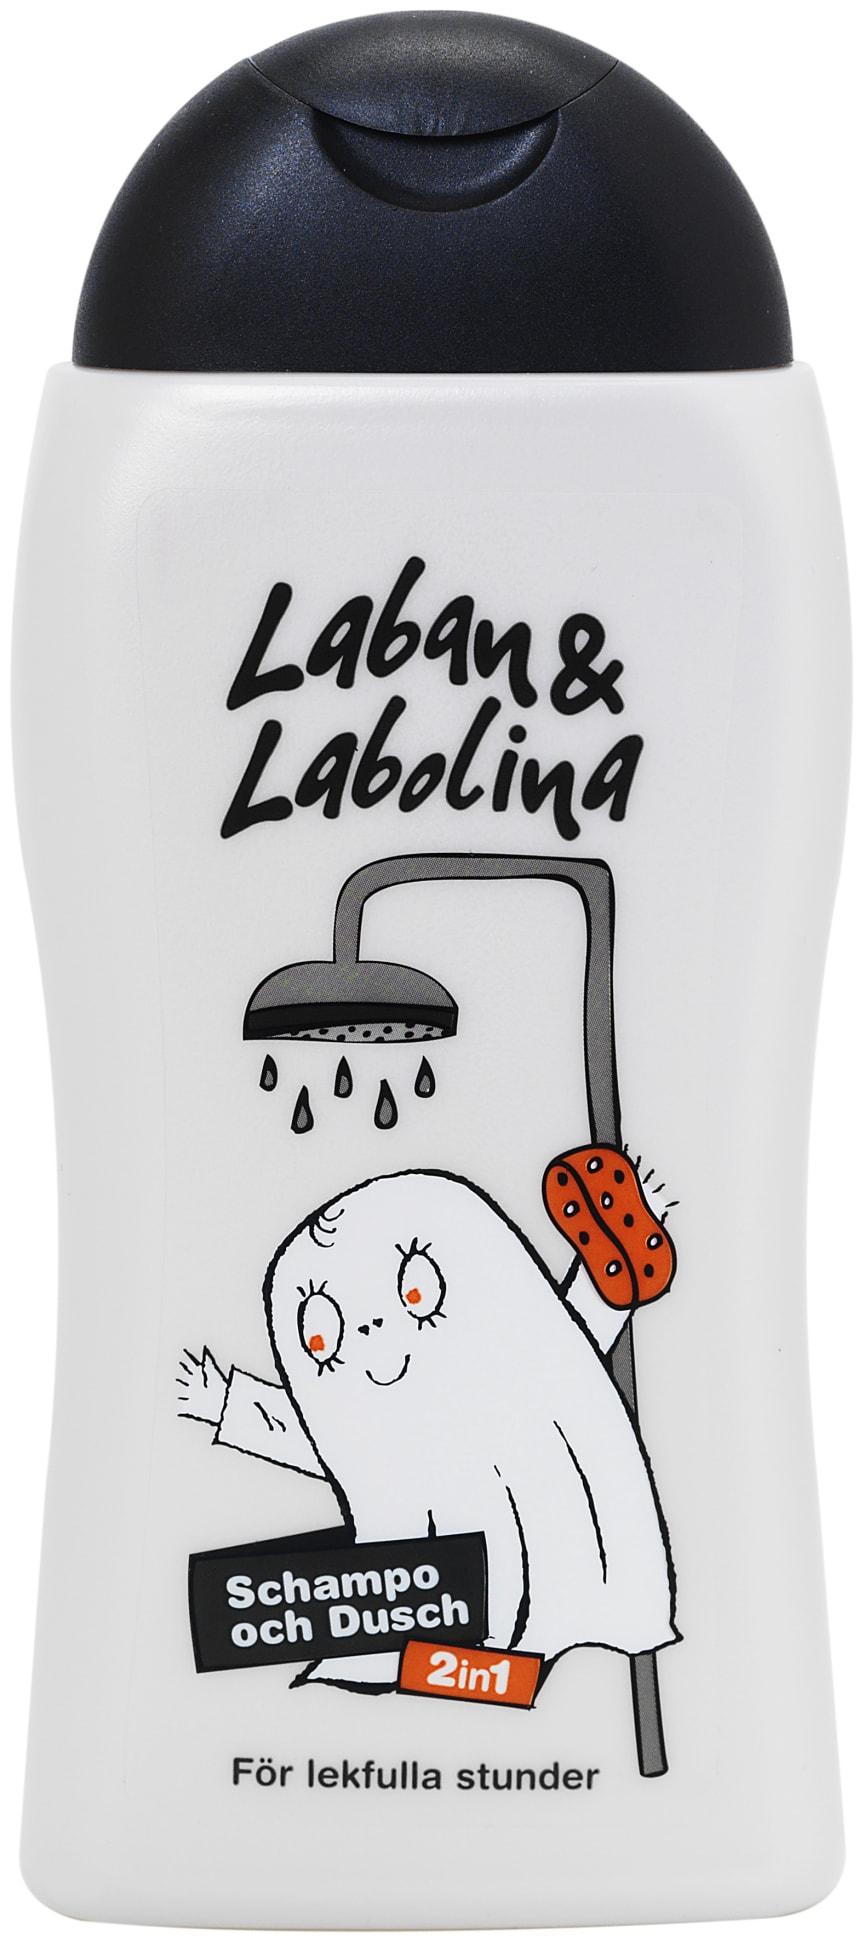 Schampo och Dusch Laban & Labolina, 250 ml